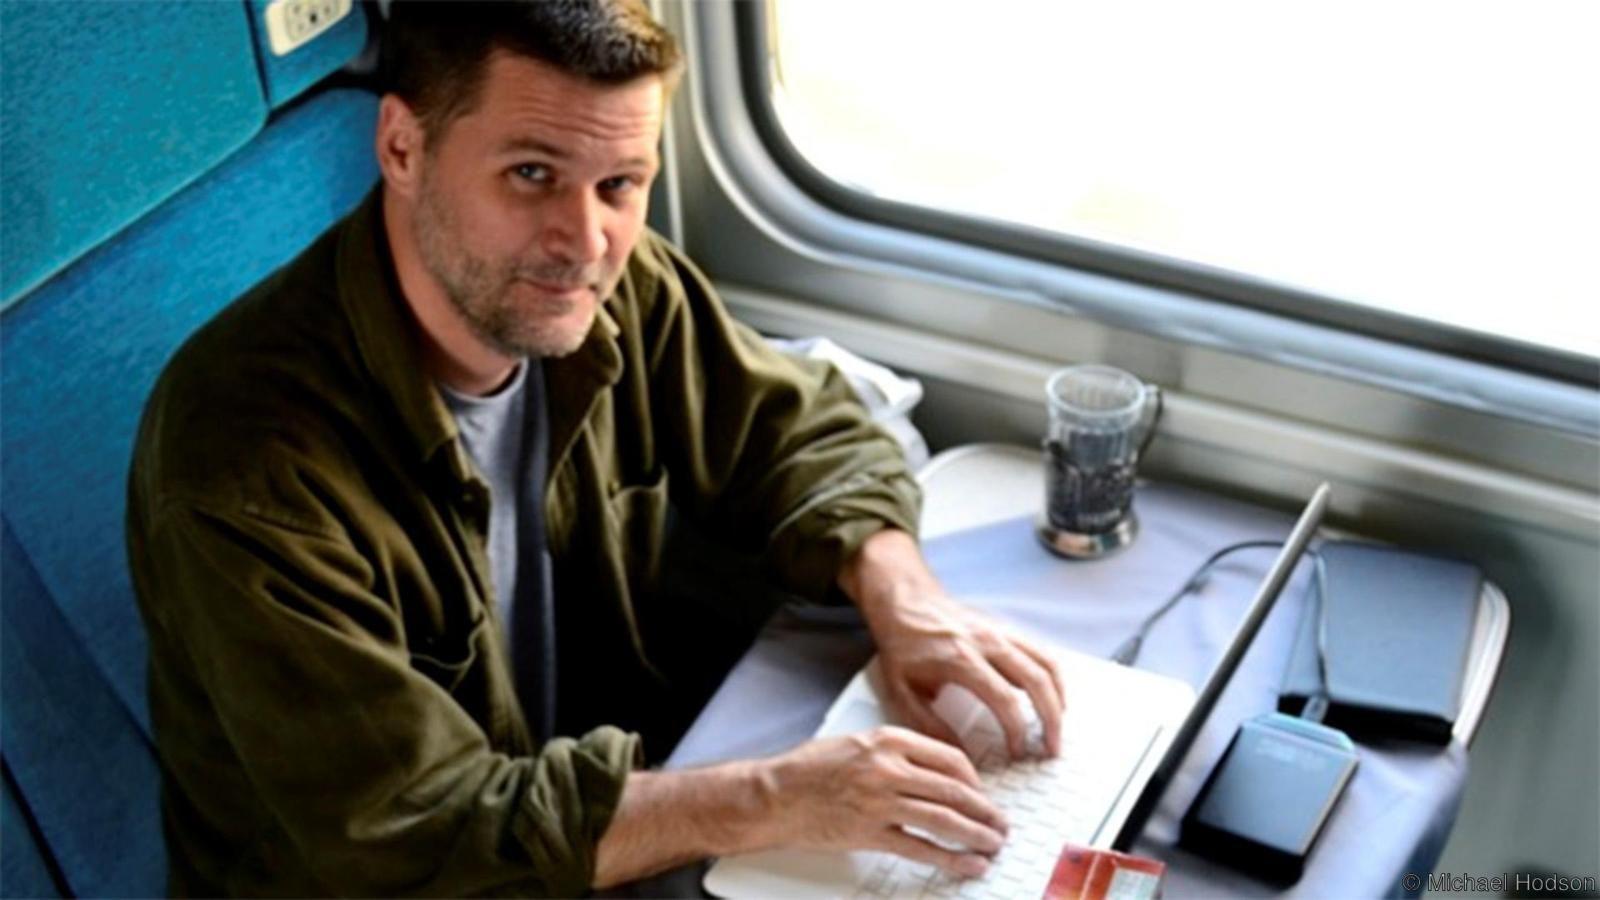 Michael Hodson, blogger